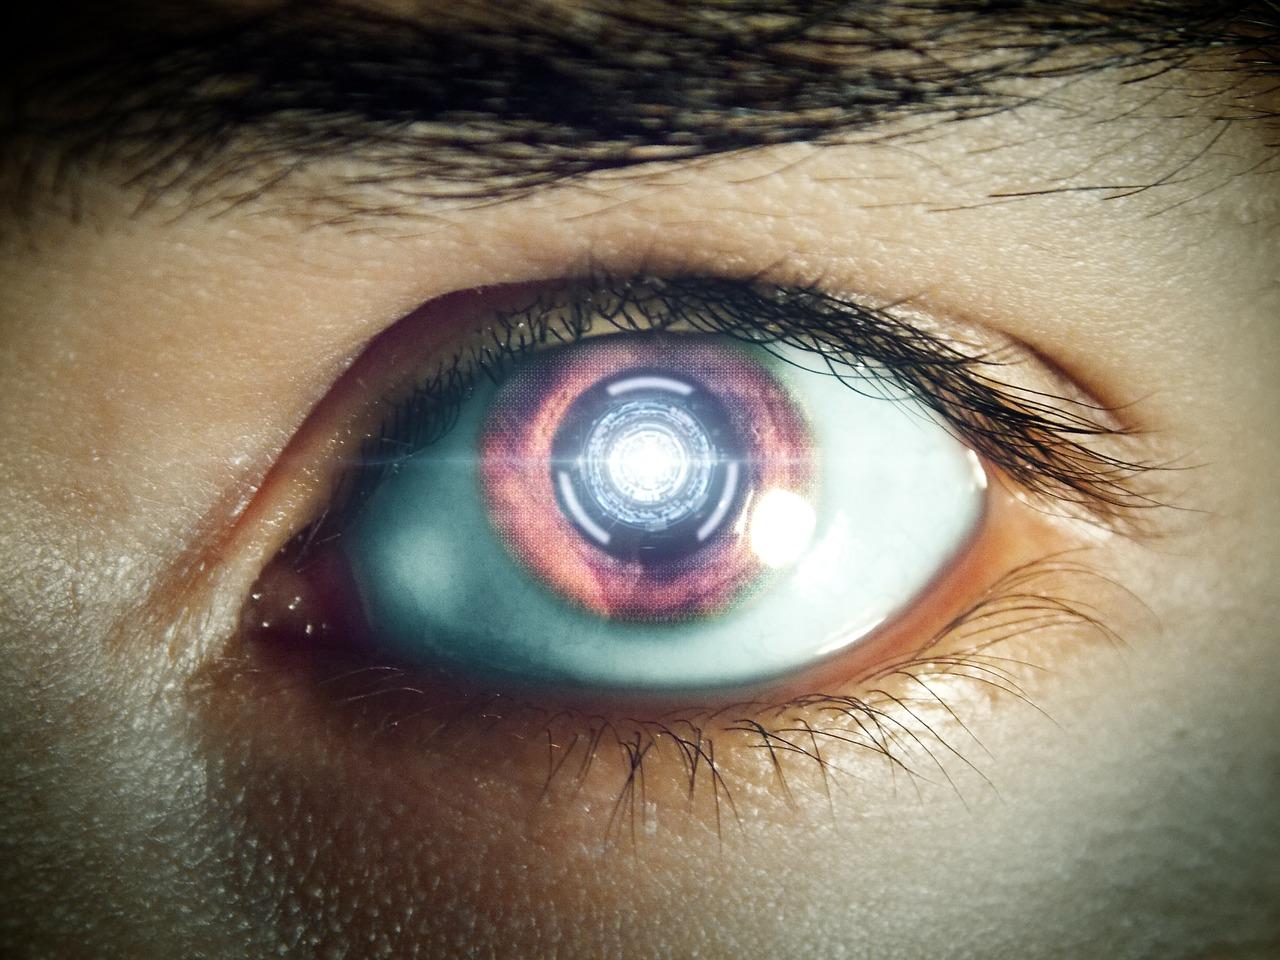 Zemlja 2050: Djeca će biti čipovana, a roboti sa emocijama